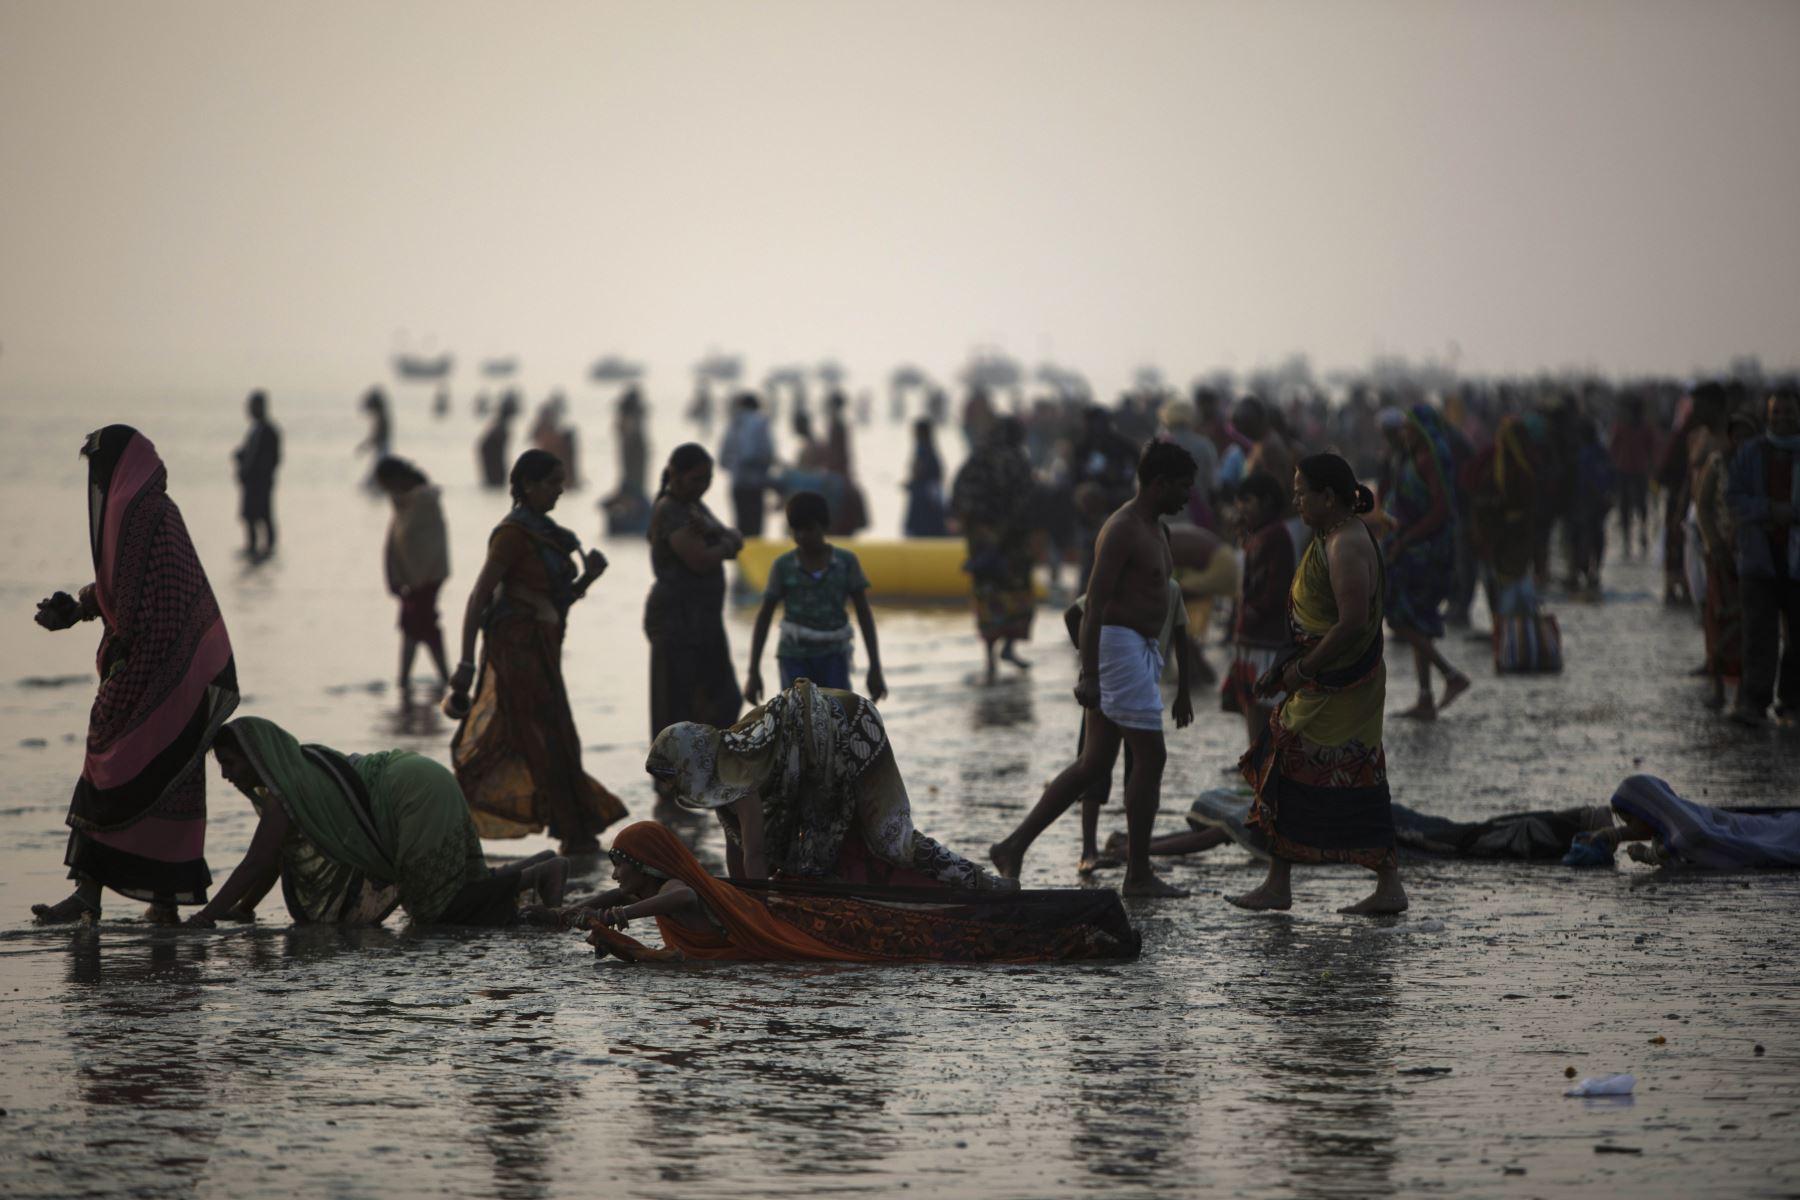 Devotos hindúes realizan rituales antes de darse un baño sagrado en la Bahía de Bengala durante el Gangasagar Mela. Foto: AFP